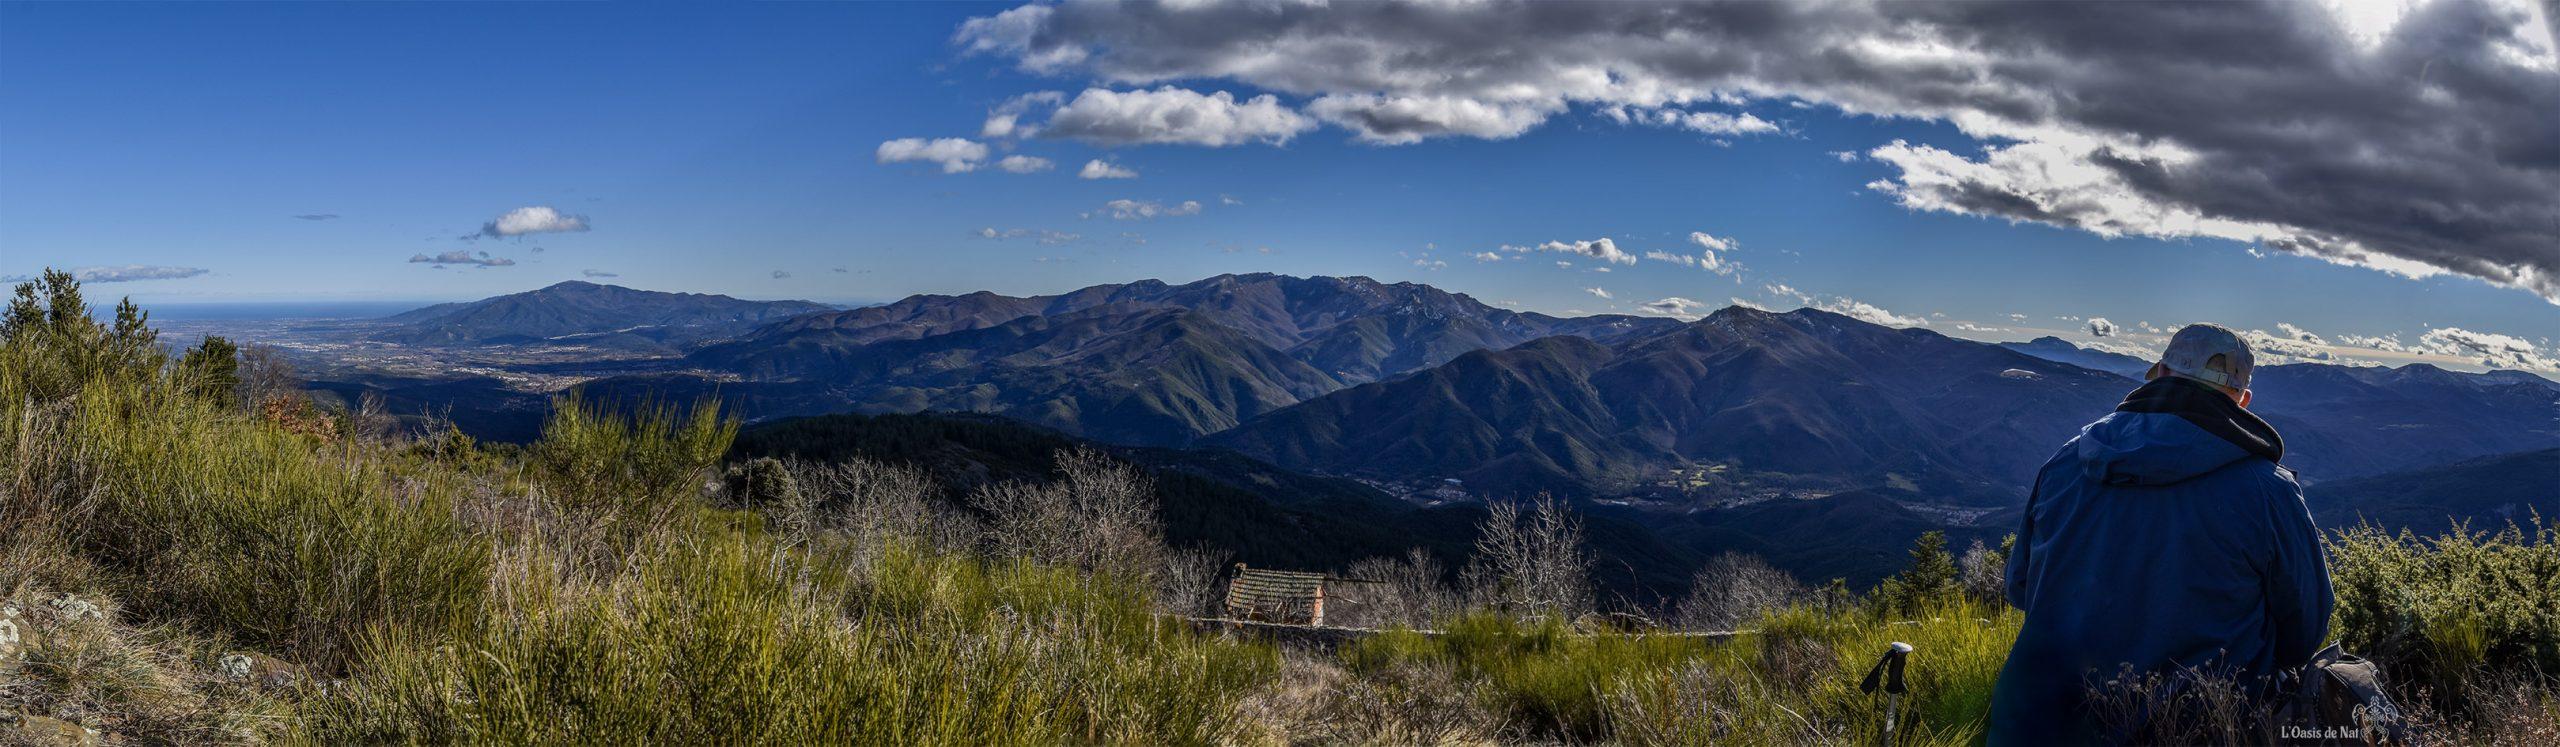 Un pique-nique contemplatif à 1189 m d'altitude, vue imprenable sur le début de la chaîne pyrénéenne qui sépare la France de l'Espagne